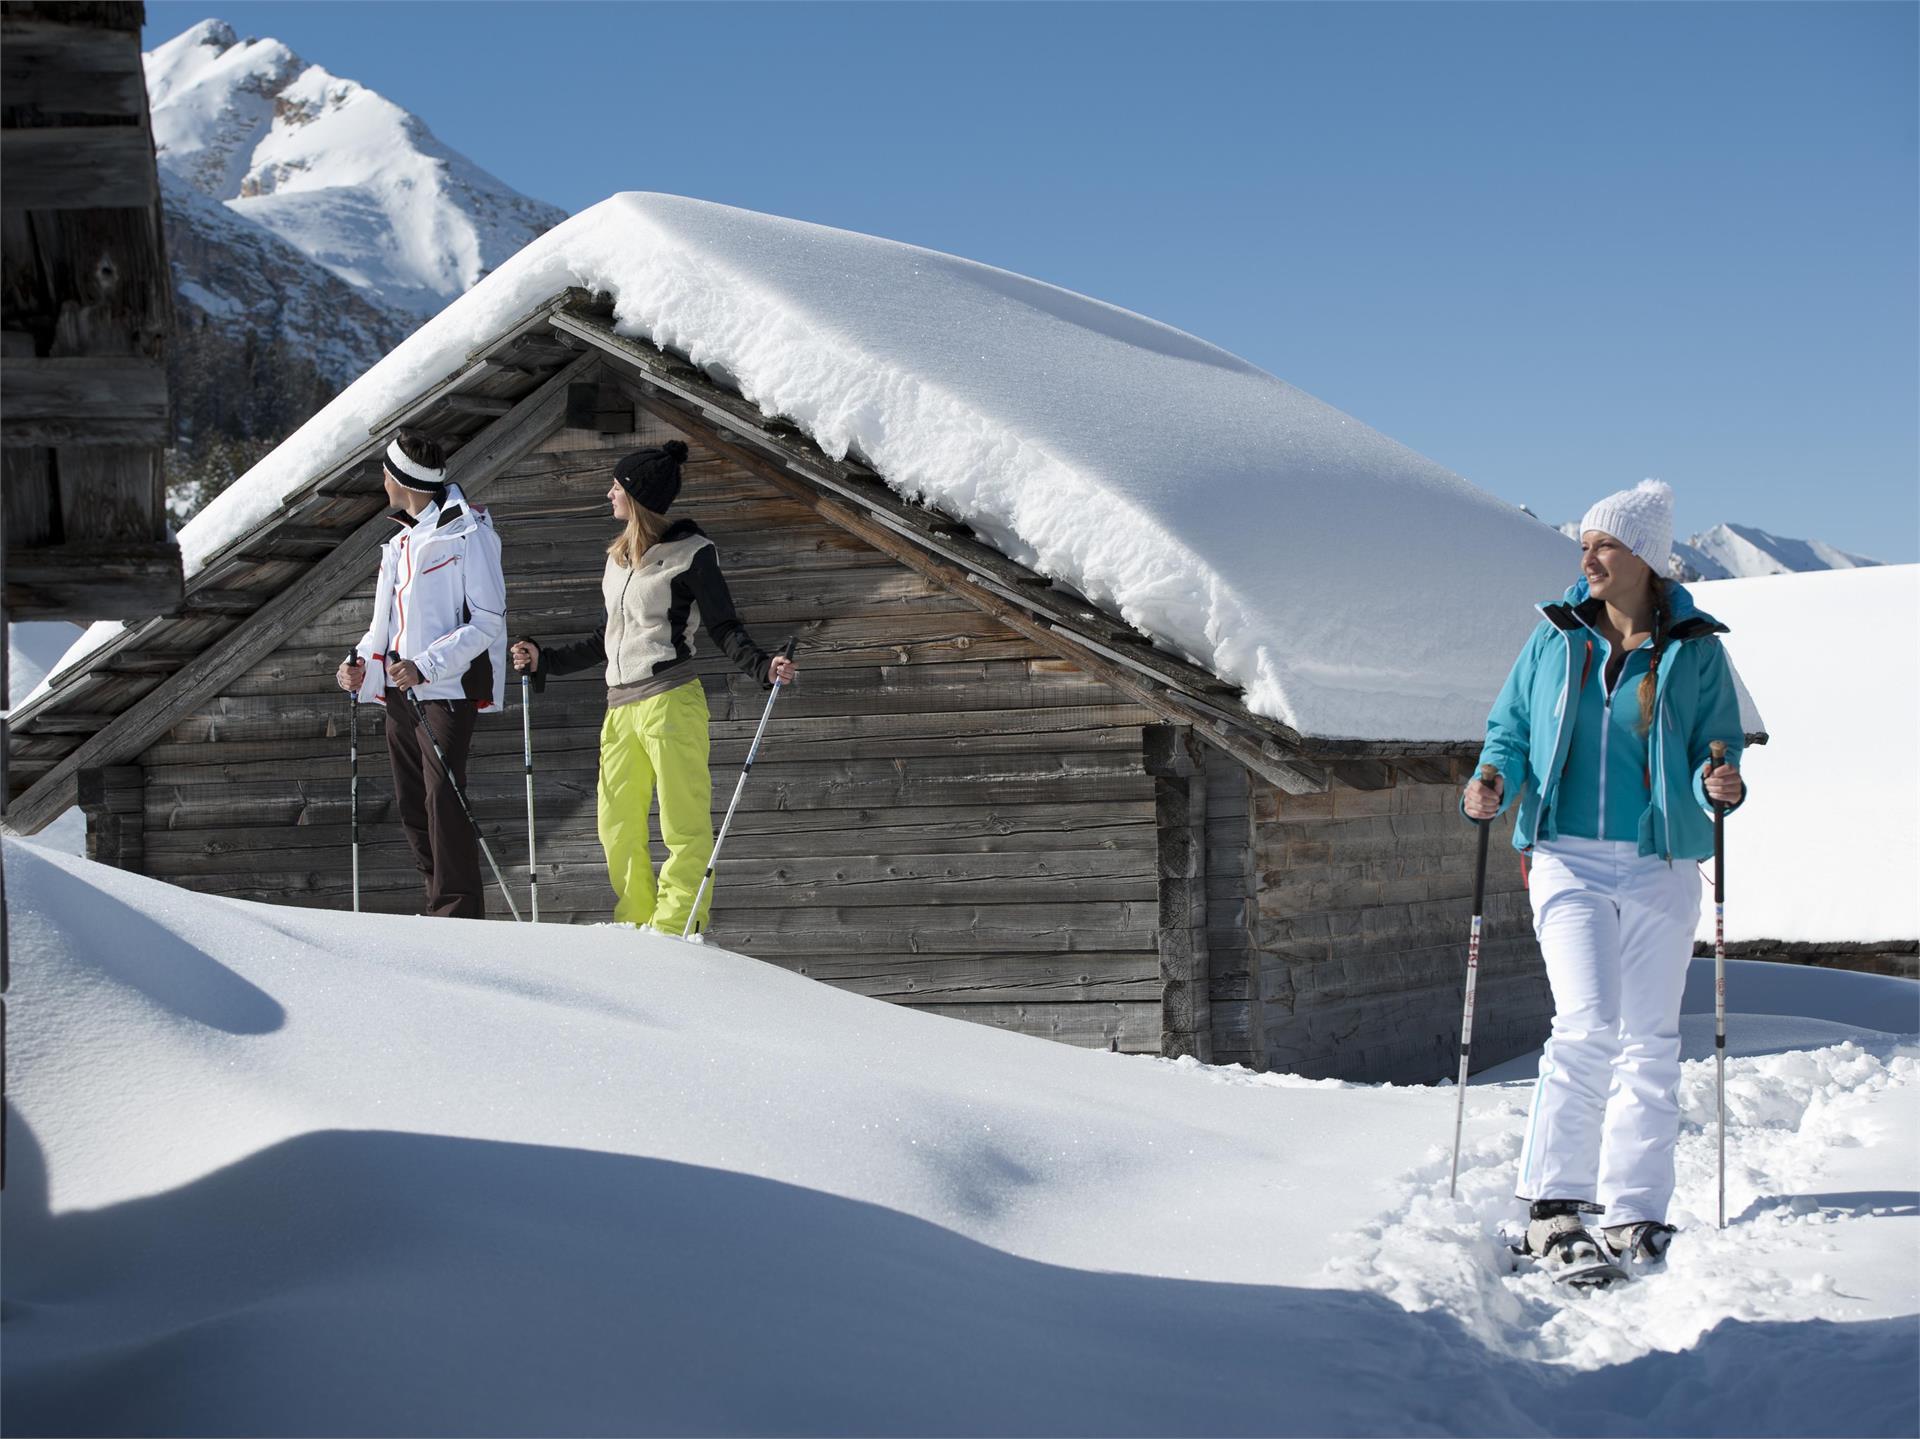 Escursione con le racchette da neve al Bel Colle